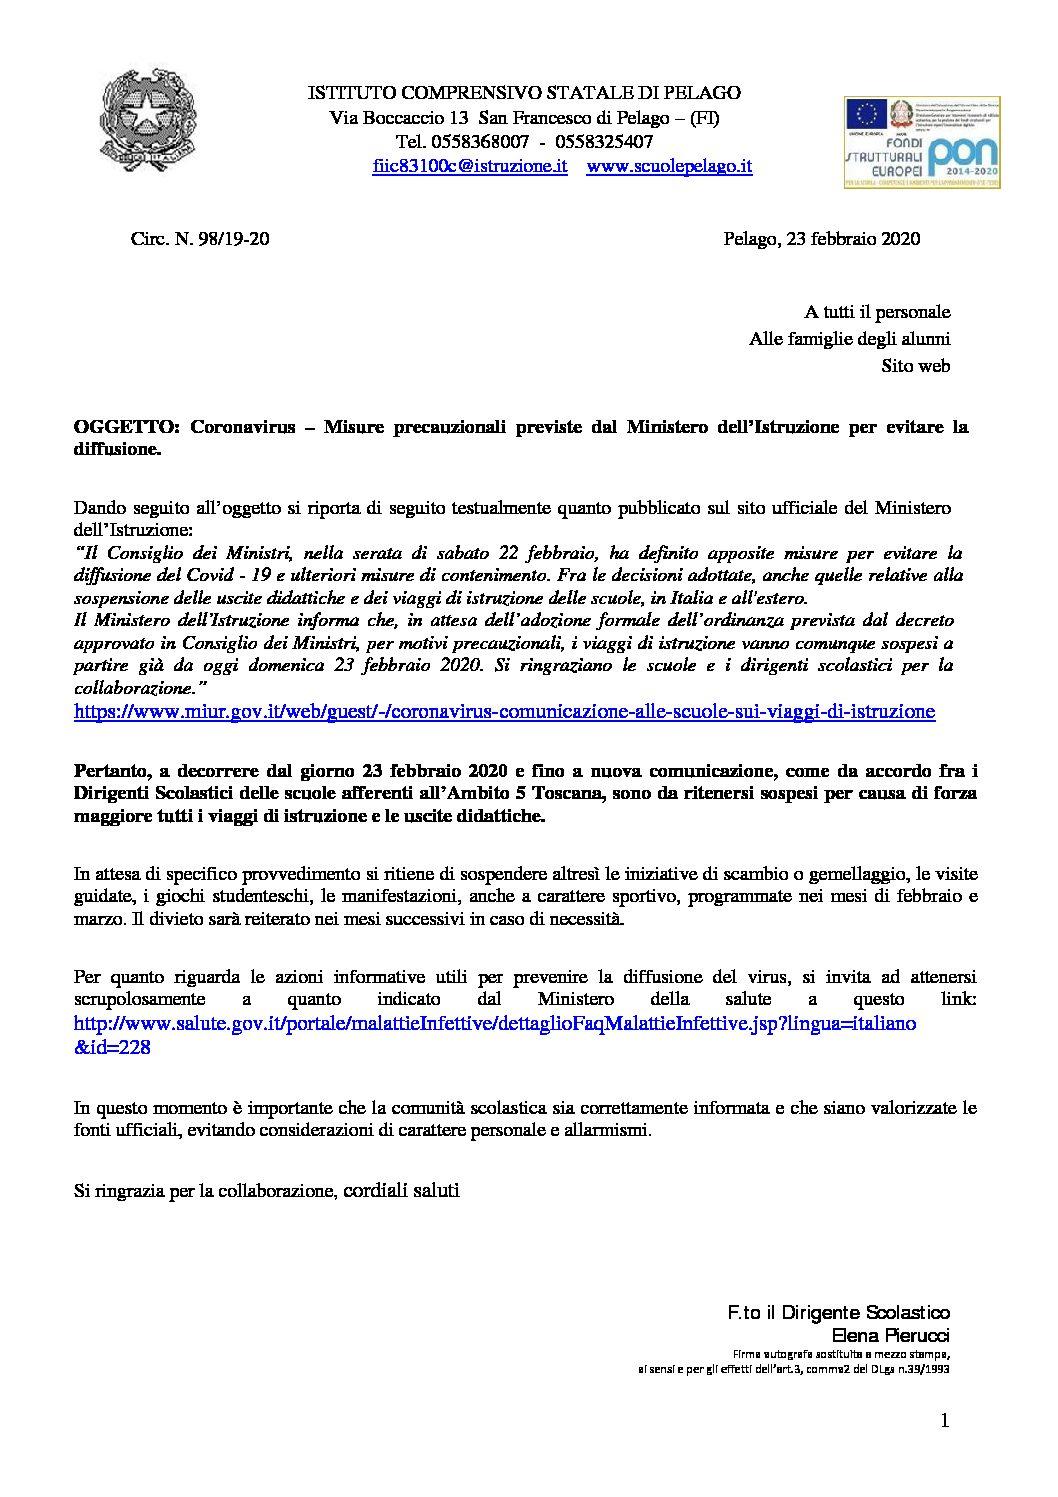 Coronavirus – Misure precauzionali previste dal Ministero dell'Istruzione per evitare la diffusione.